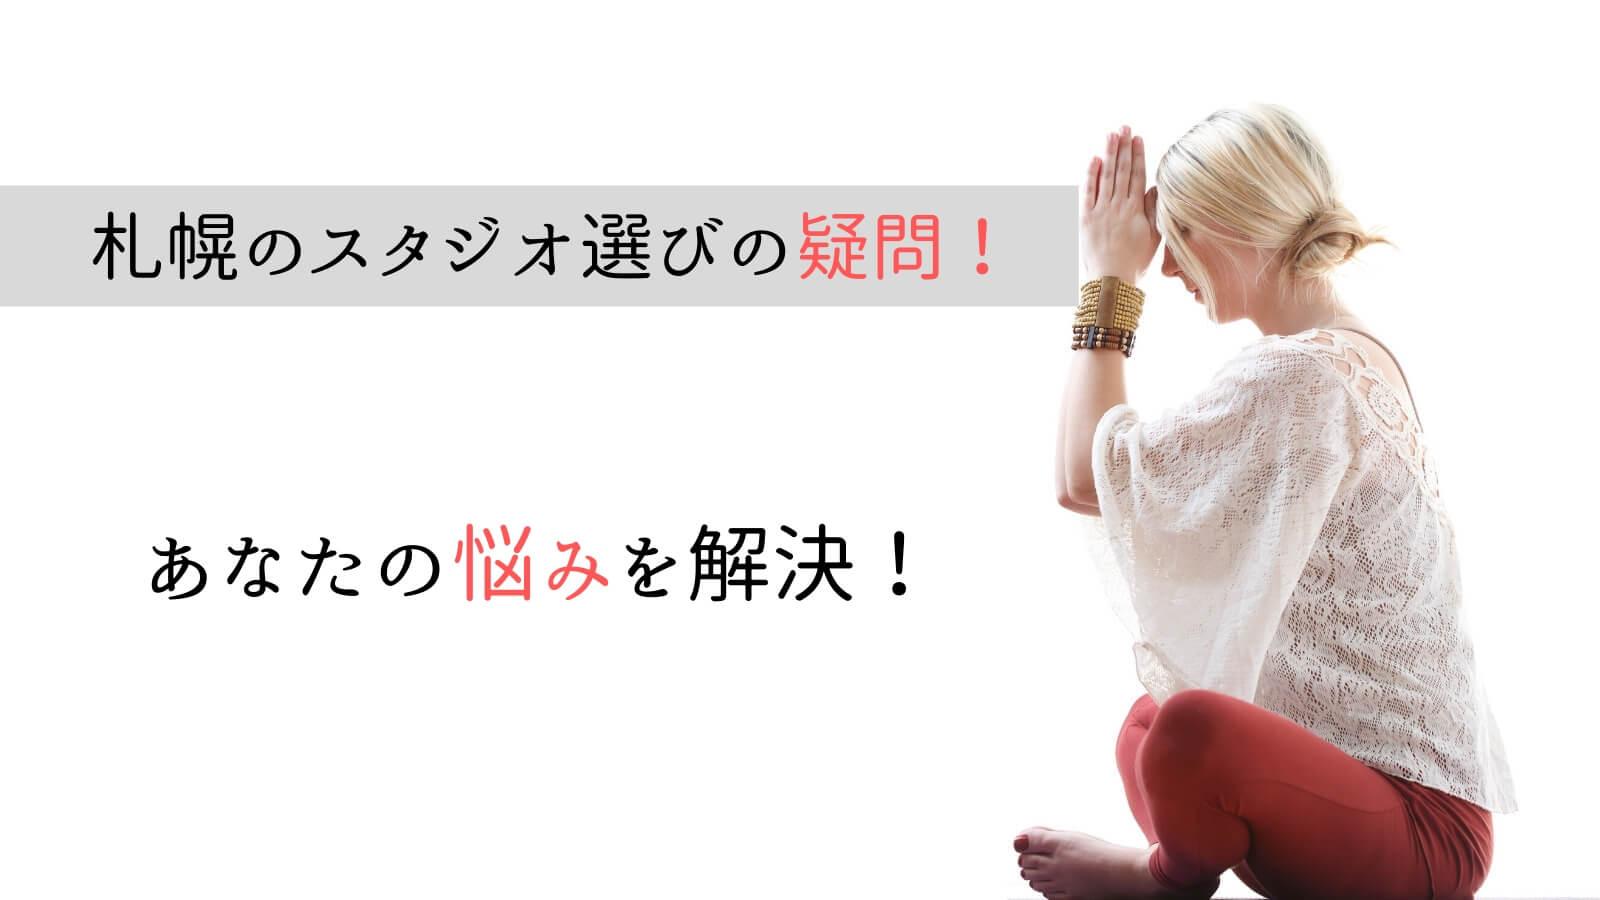 札幌でのピラティススタジオ選びに関するQ&A